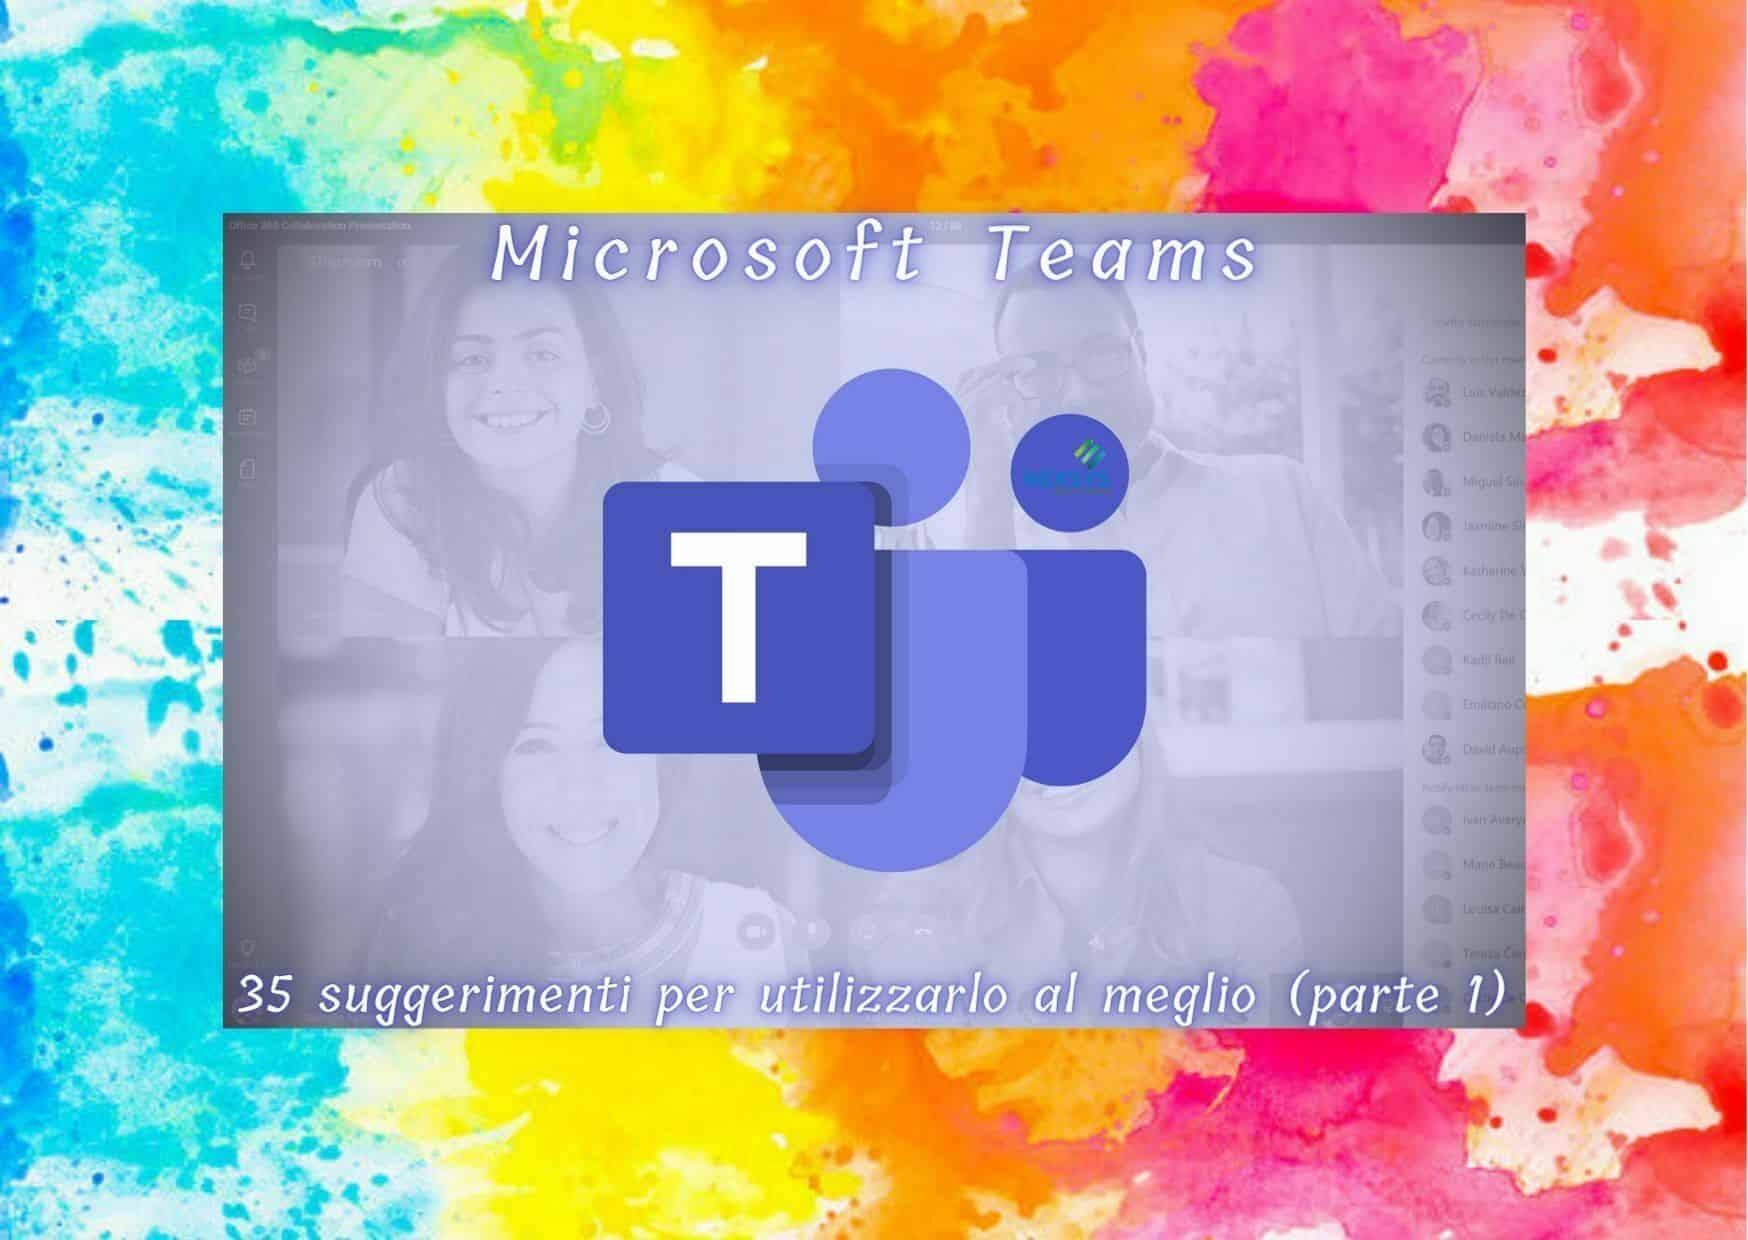 Microsoft Teams: 35 suggerimenti per utilizzarlo al meglio (parte 1)